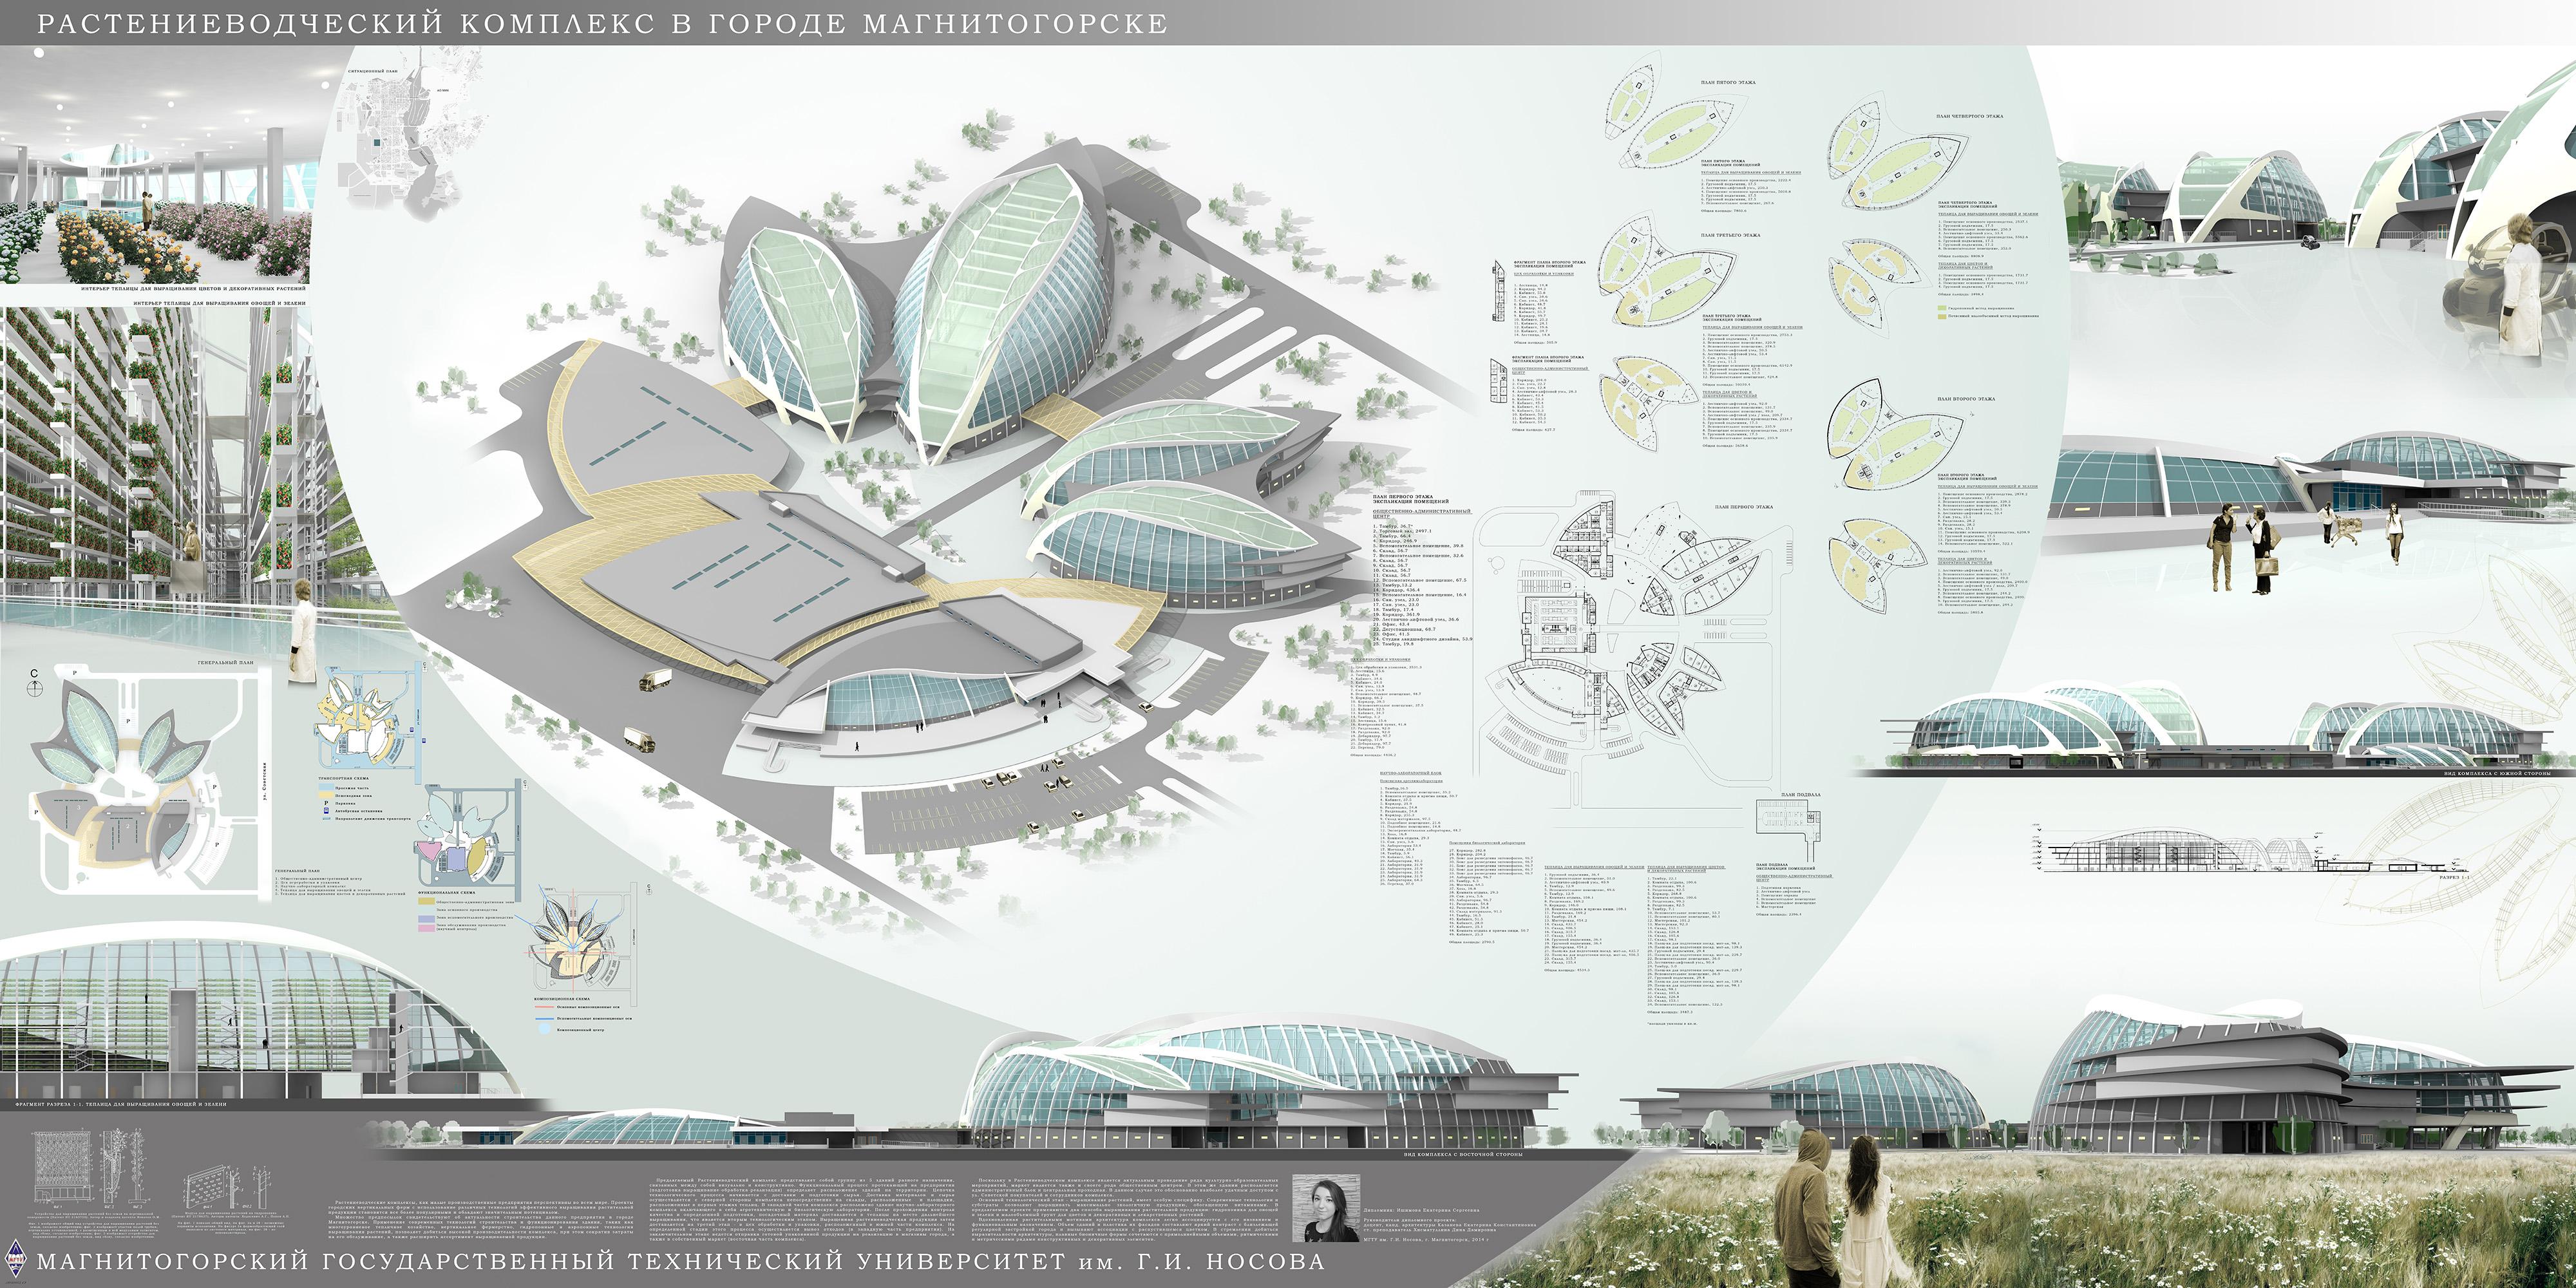 архитектурный конкурс дипломных проектов chelchel ru Ишимова jpg